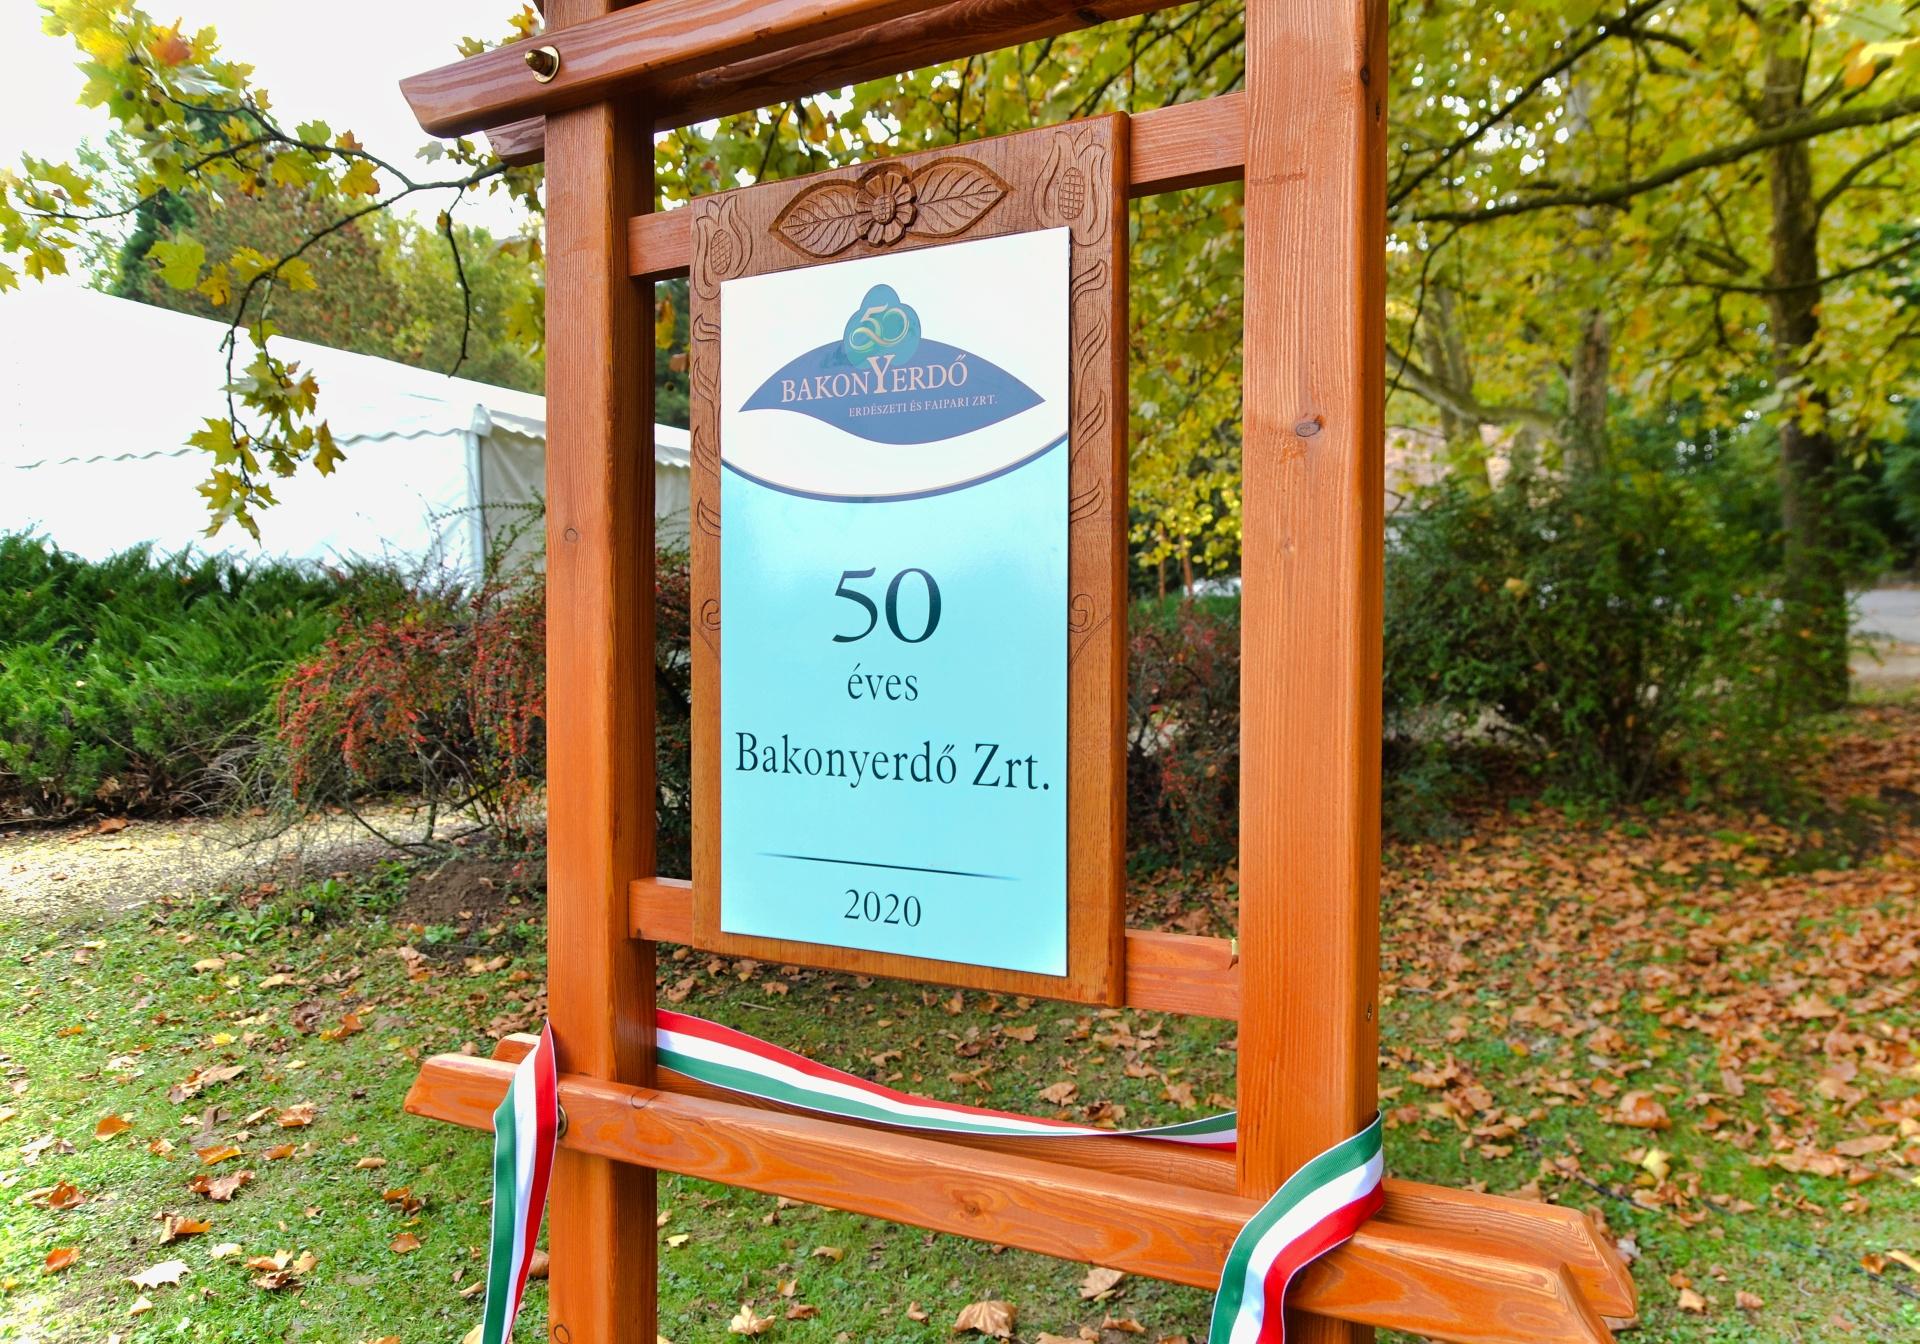 Fennállásának ötvenedik évfordulóját ünnepelte a Bakonyerdő Zrt.